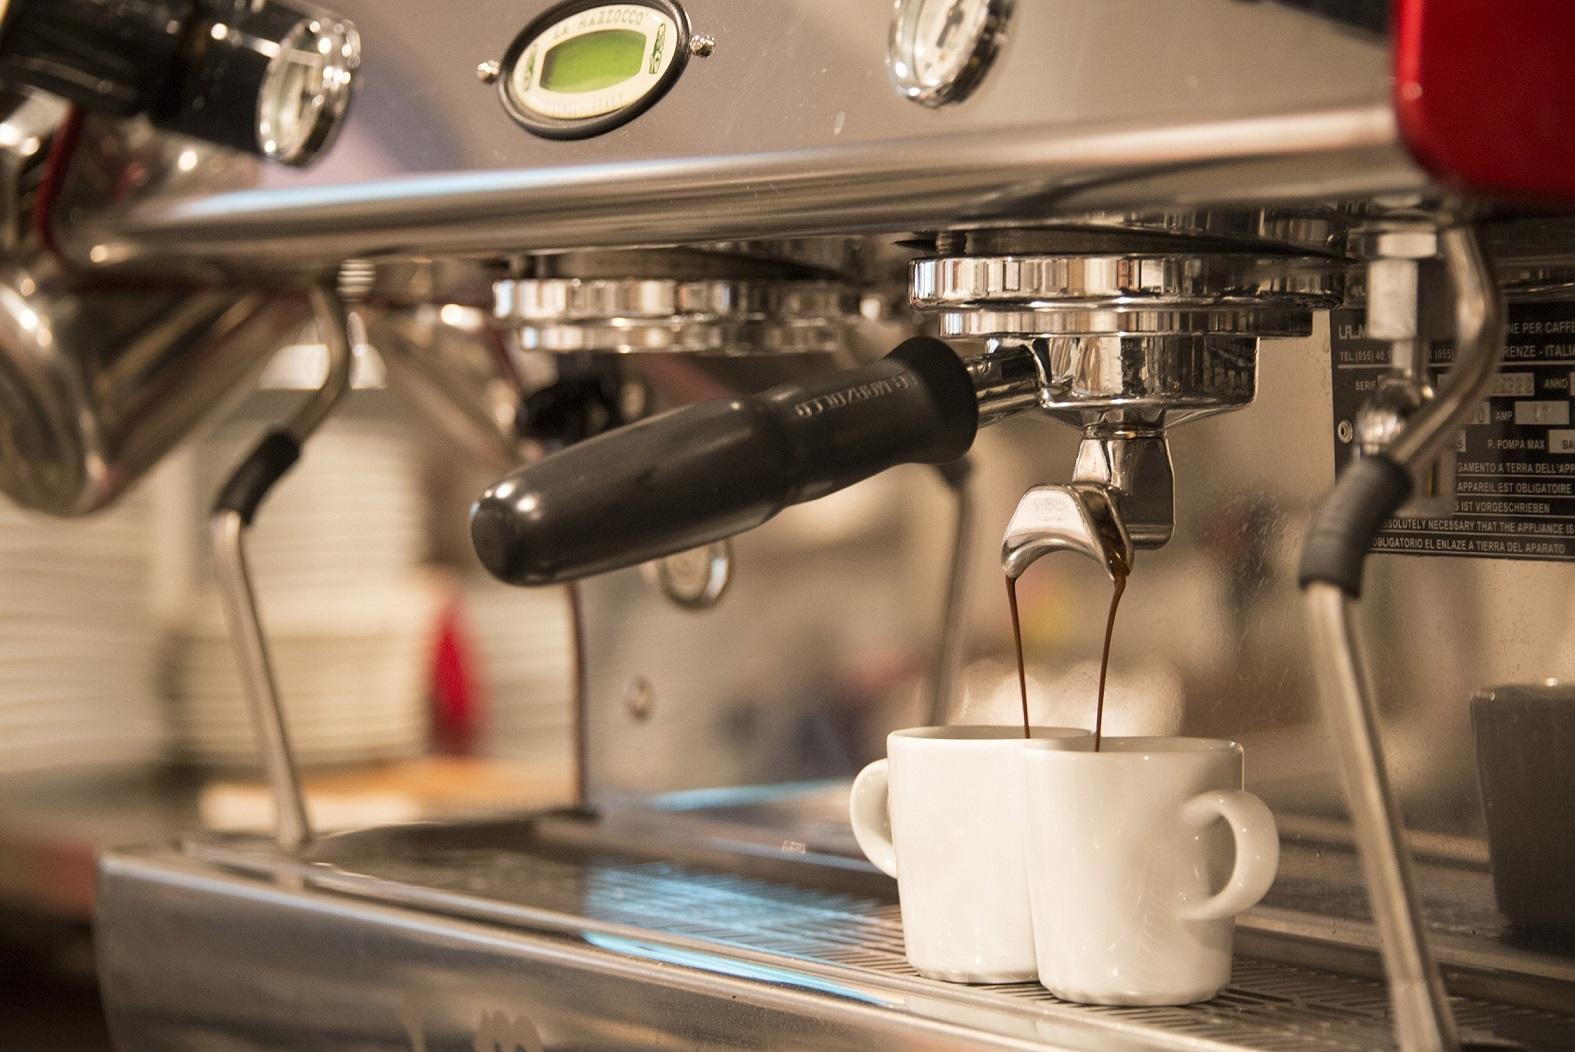 ユニクロ本社内カフェでスタッフ大募集!働きやすい時間帯でコーヒーや軽食をご提供しませんか♪